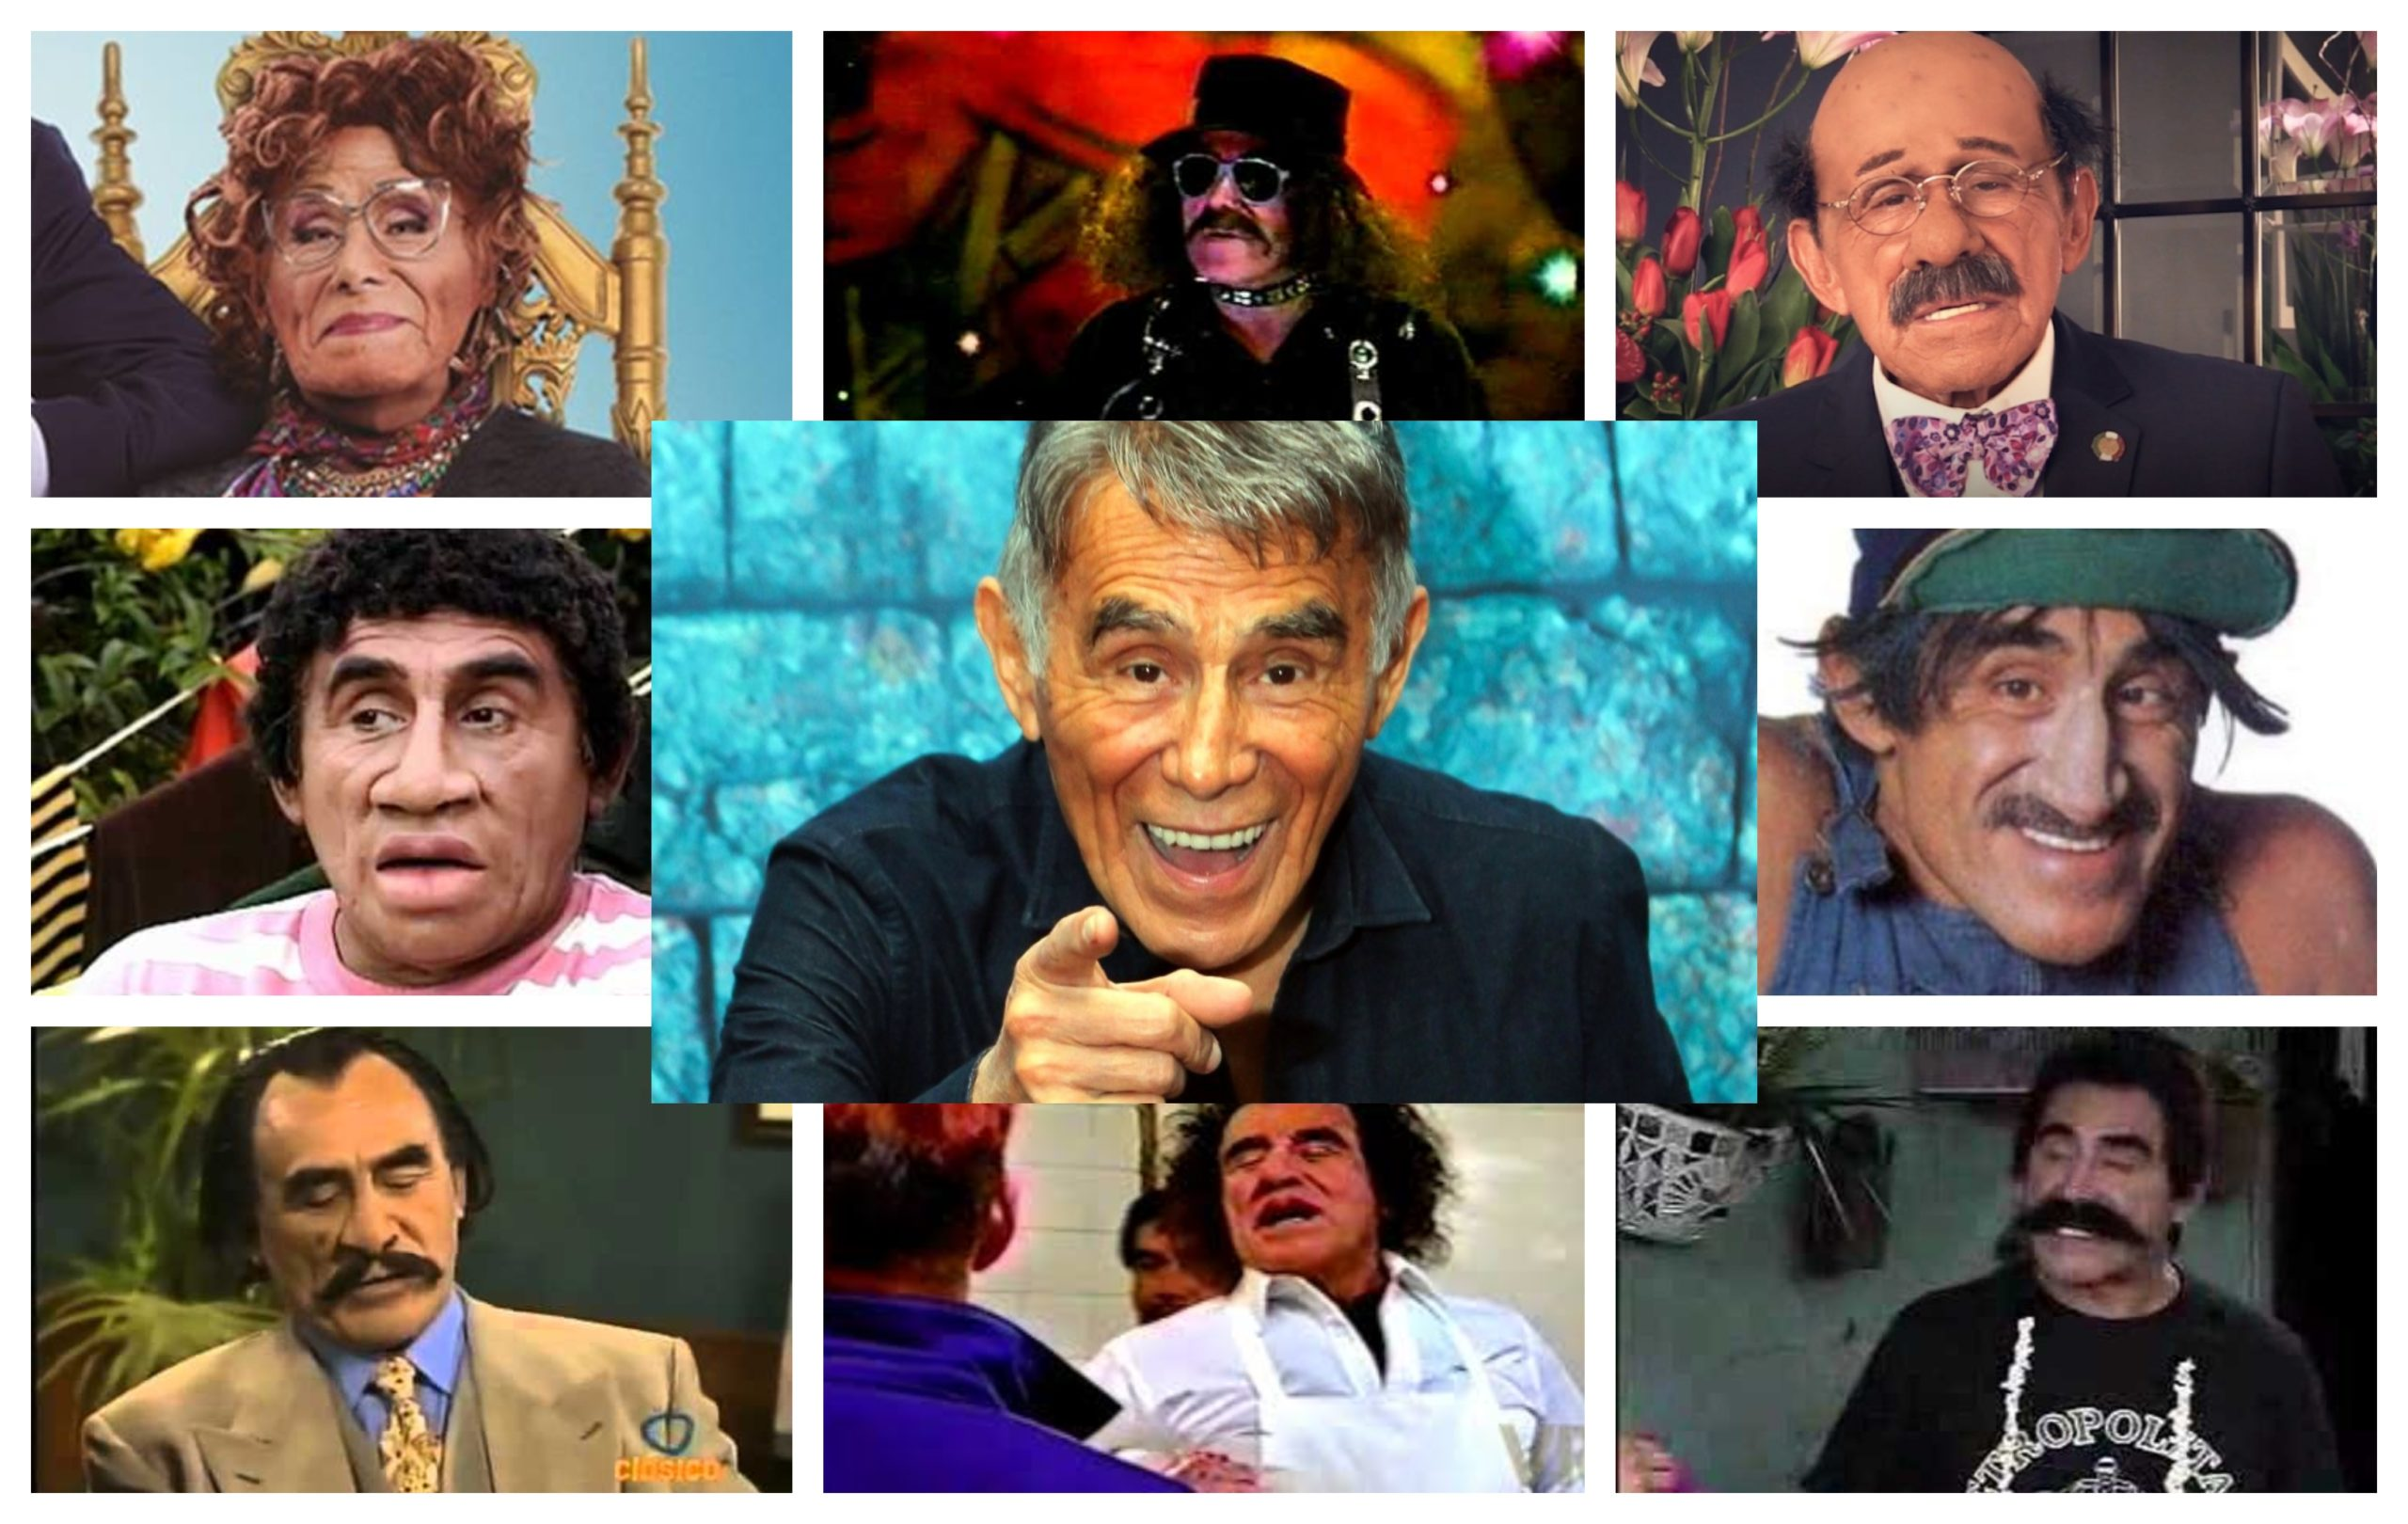 Falleció el comediante mexicano Héctor Suárez